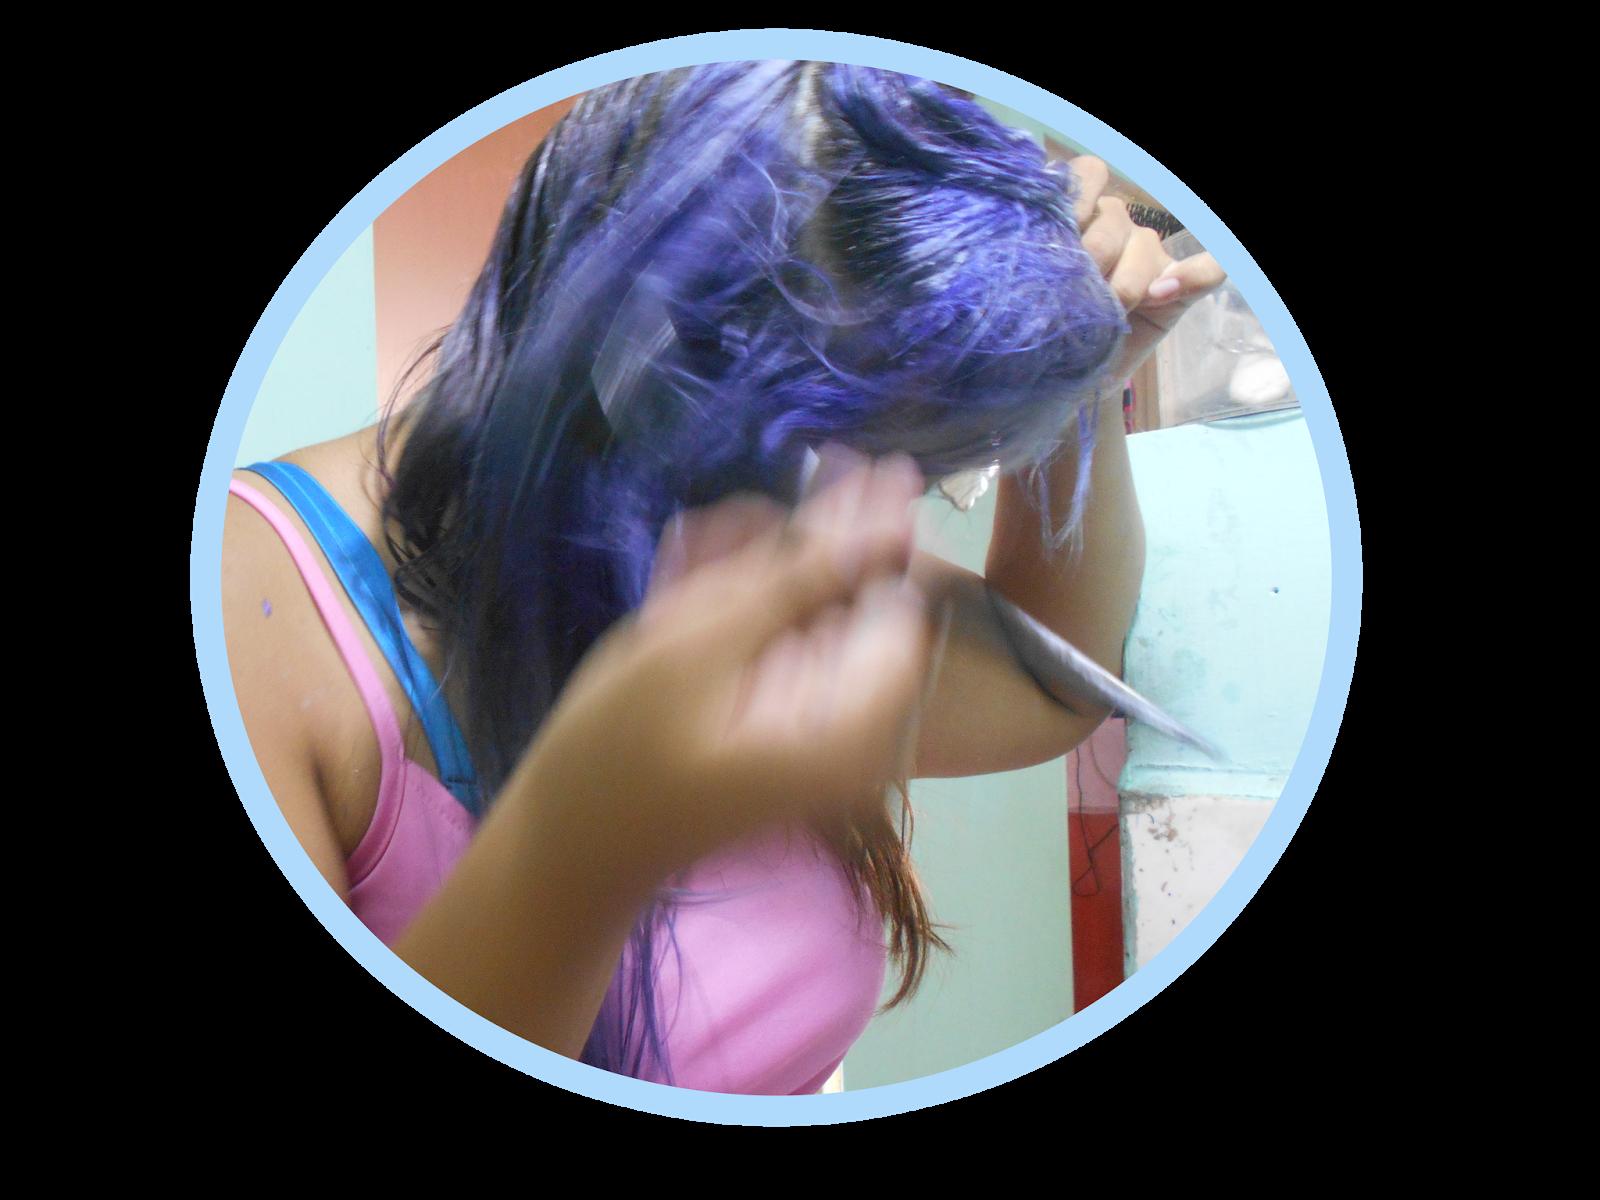 Luna diy como quitar y deslavar colores fantas a - Como quitar los pelos de gato de la ropa ...